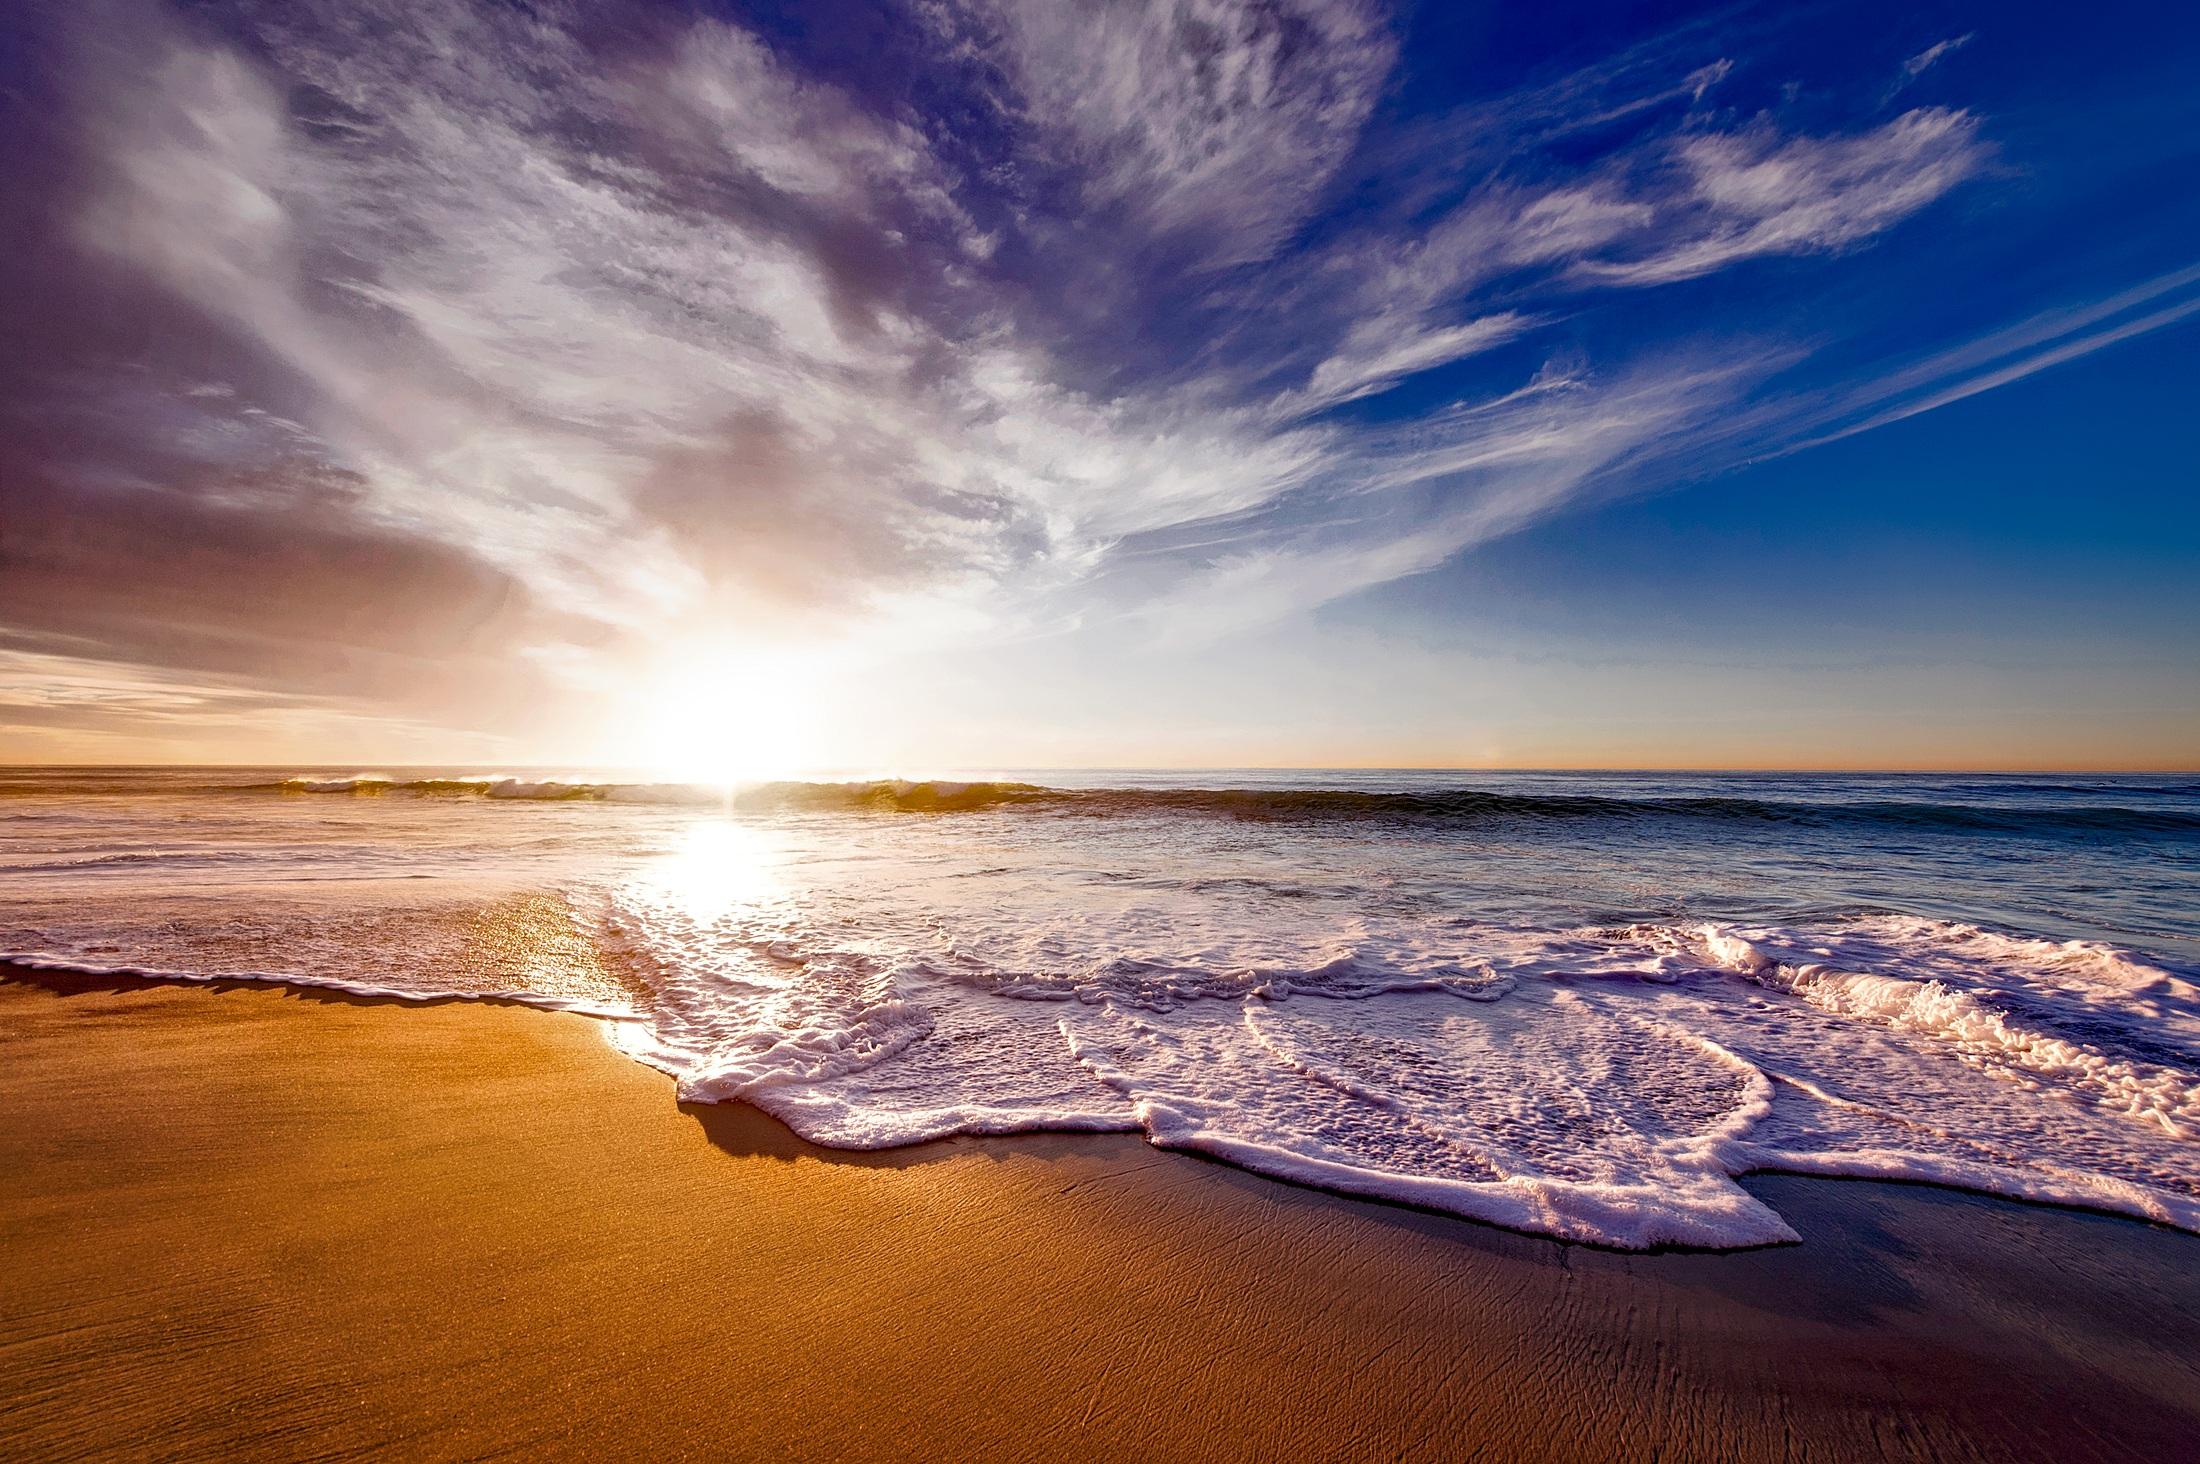 California Beach, Beach, Blue, California, Flow, HQ Photo